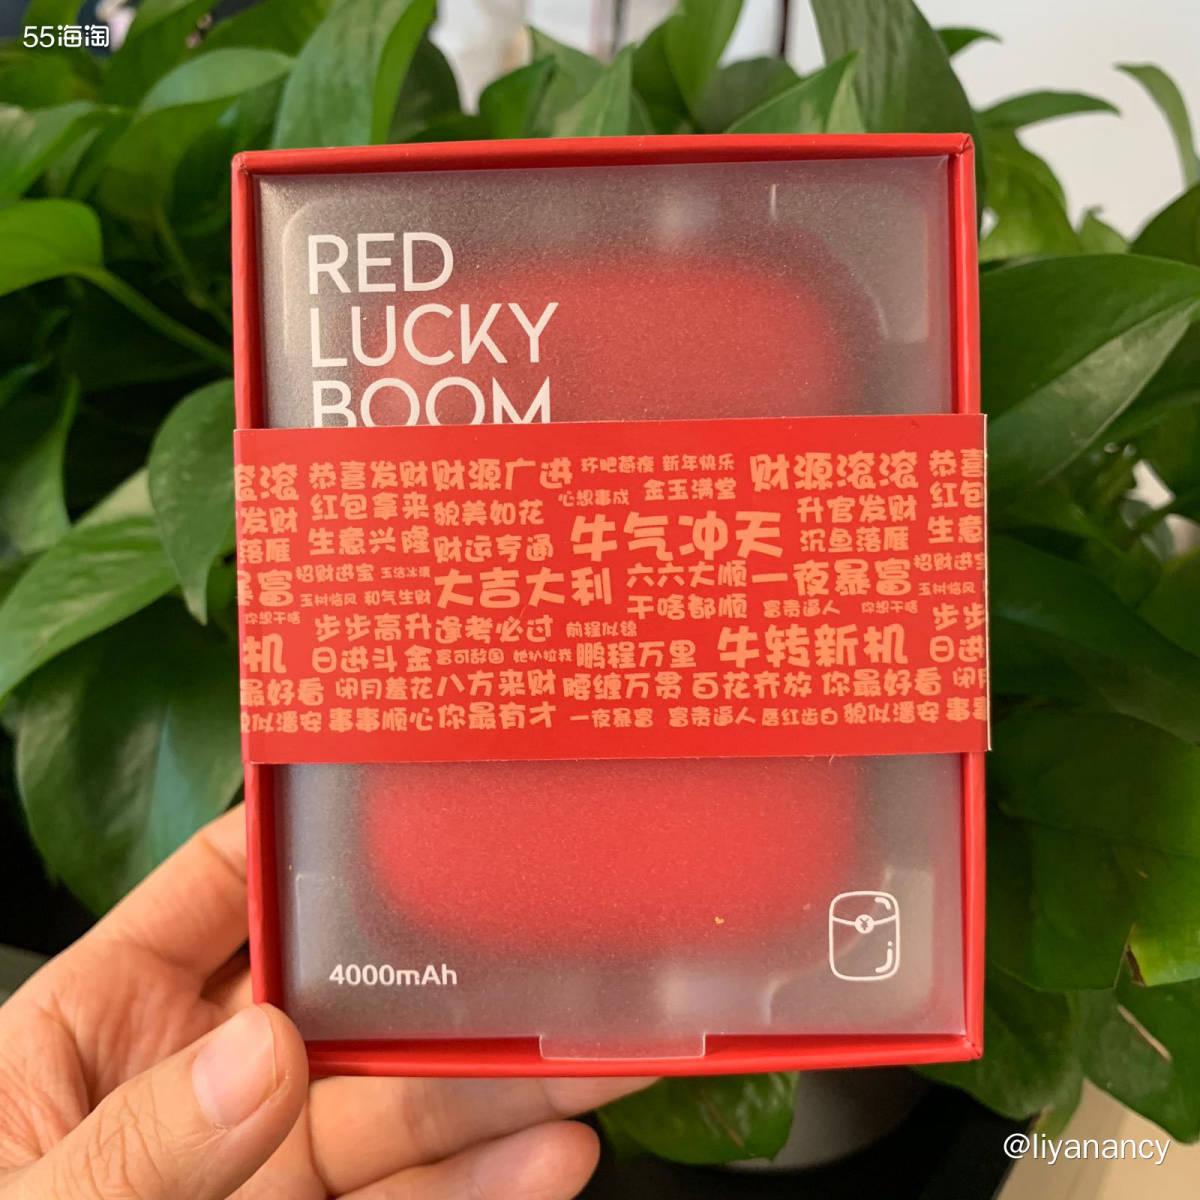 red lucky boom暖手宝  ✨今天圣诞公司行政准备